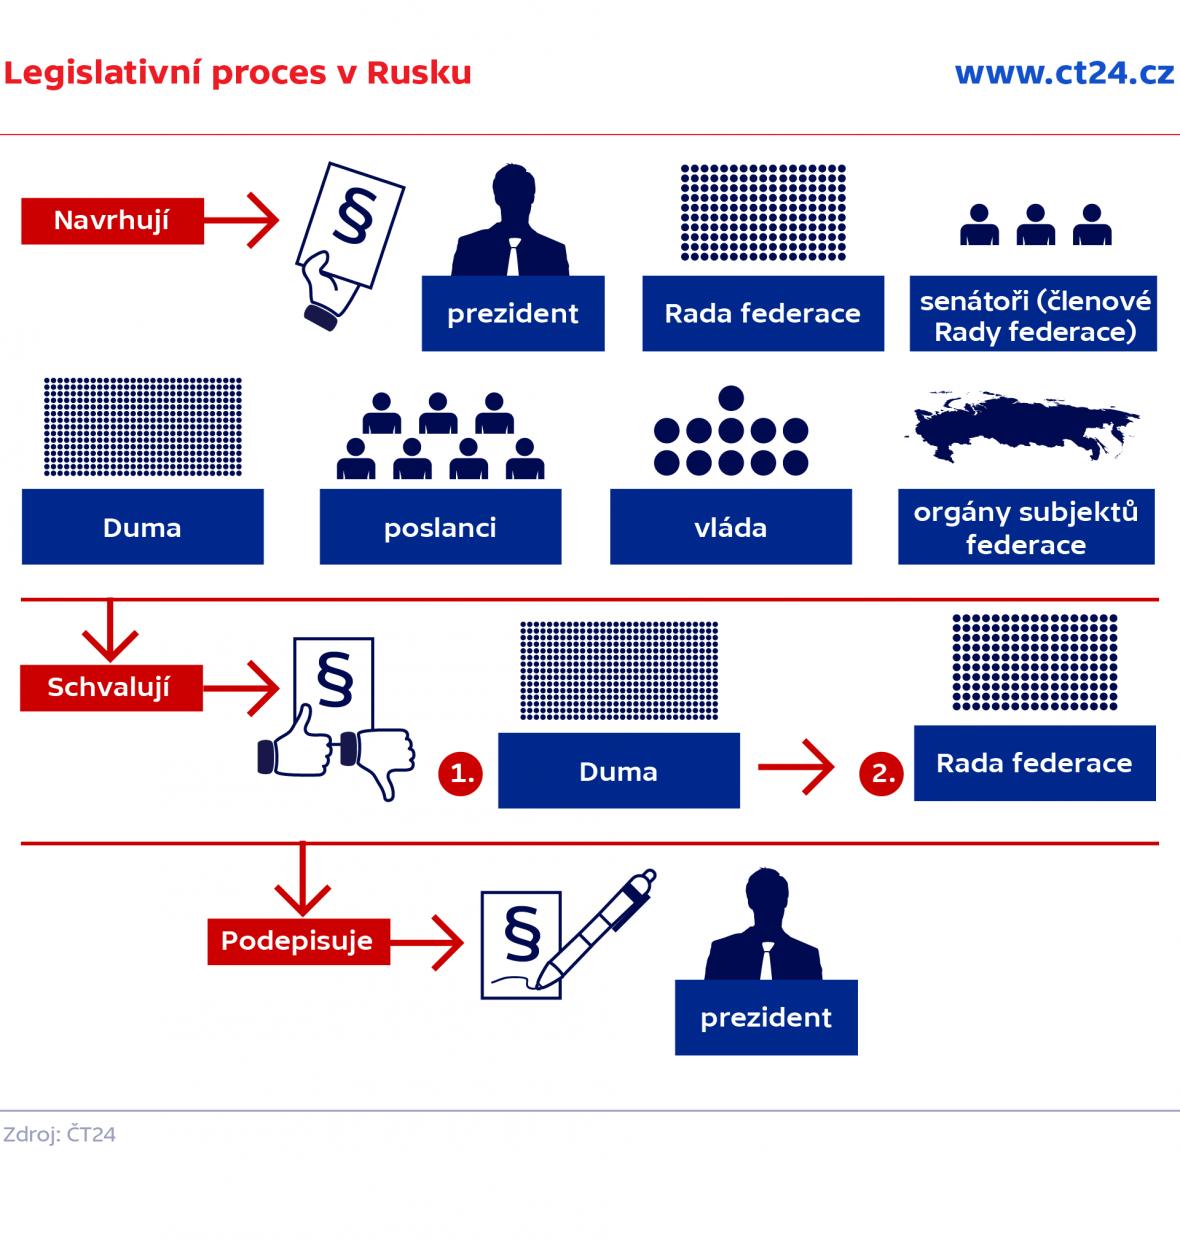 Legislativní proces v Rusku